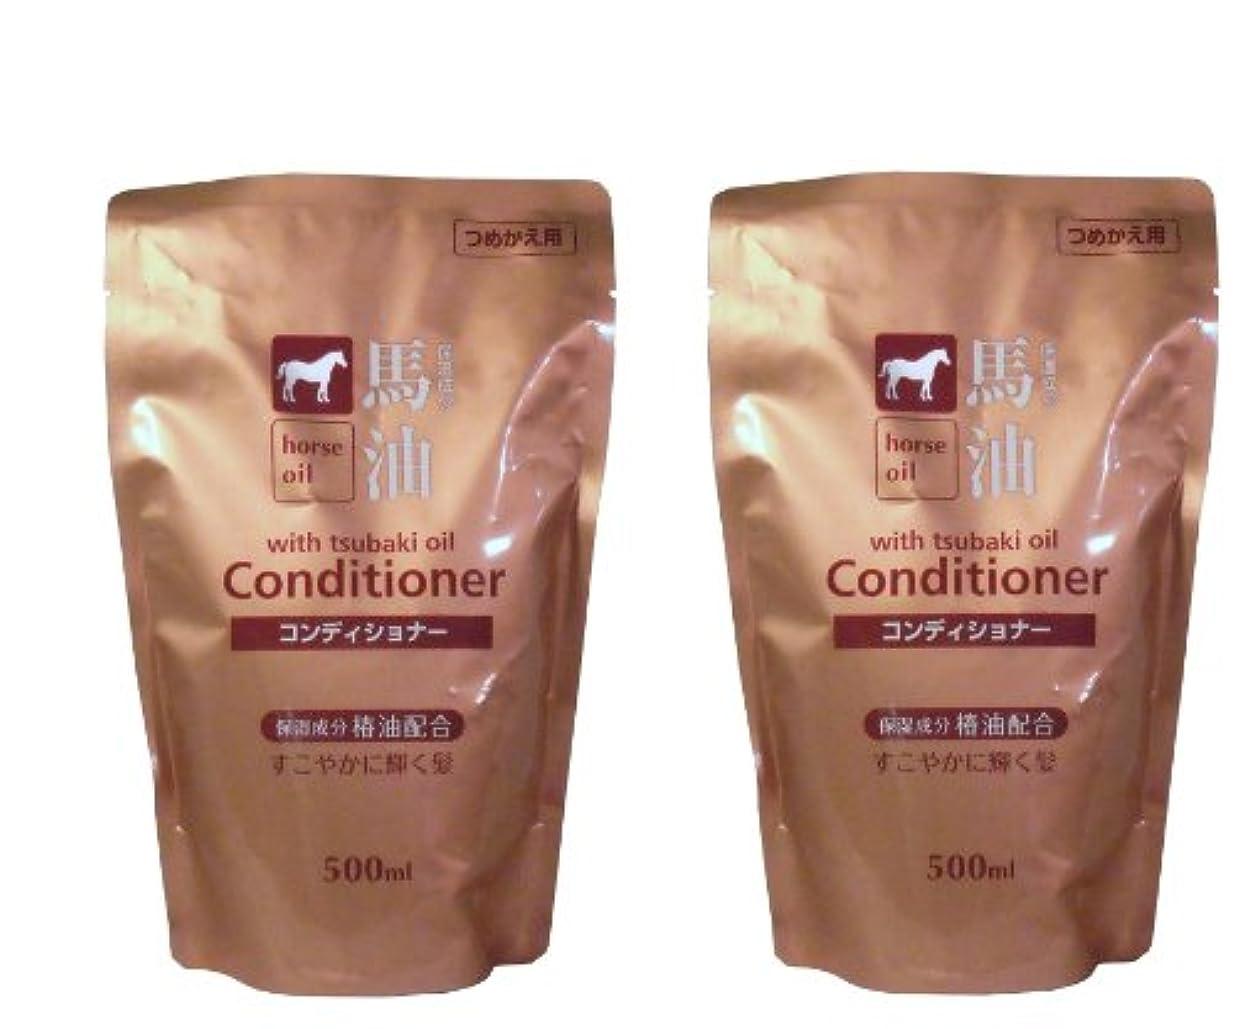 昆虫休眠実証する馬油コンディショナー 椿油配合 詰替え用 2個セット(各500mL)  【日本製】